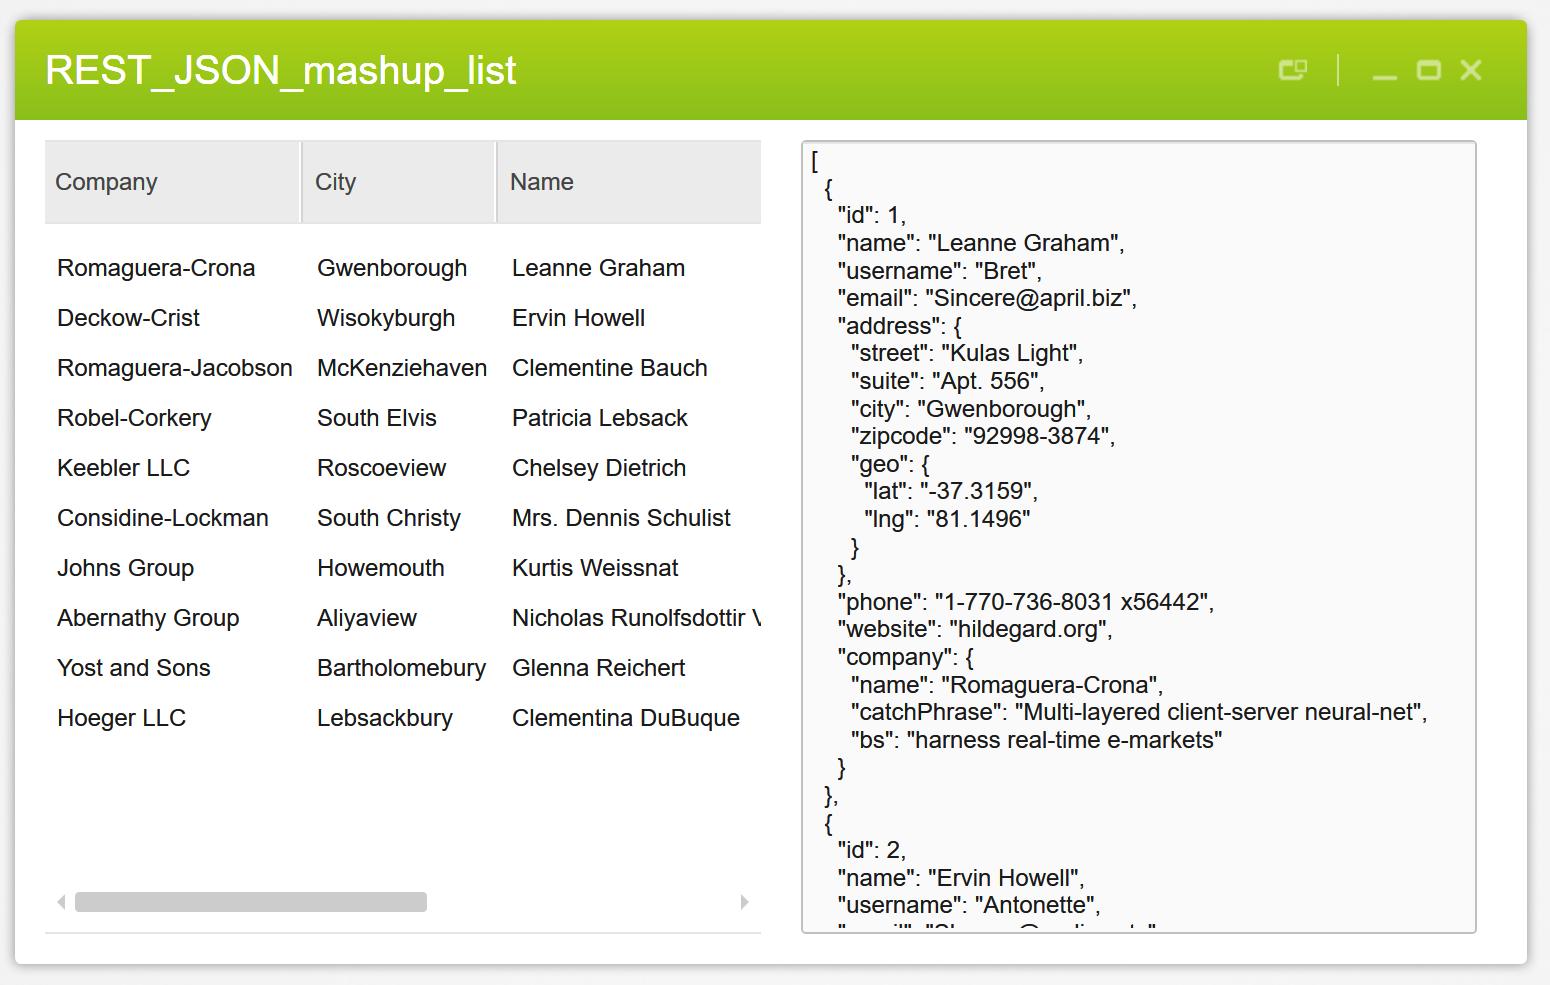 Mashup_REST_JSON_LIST